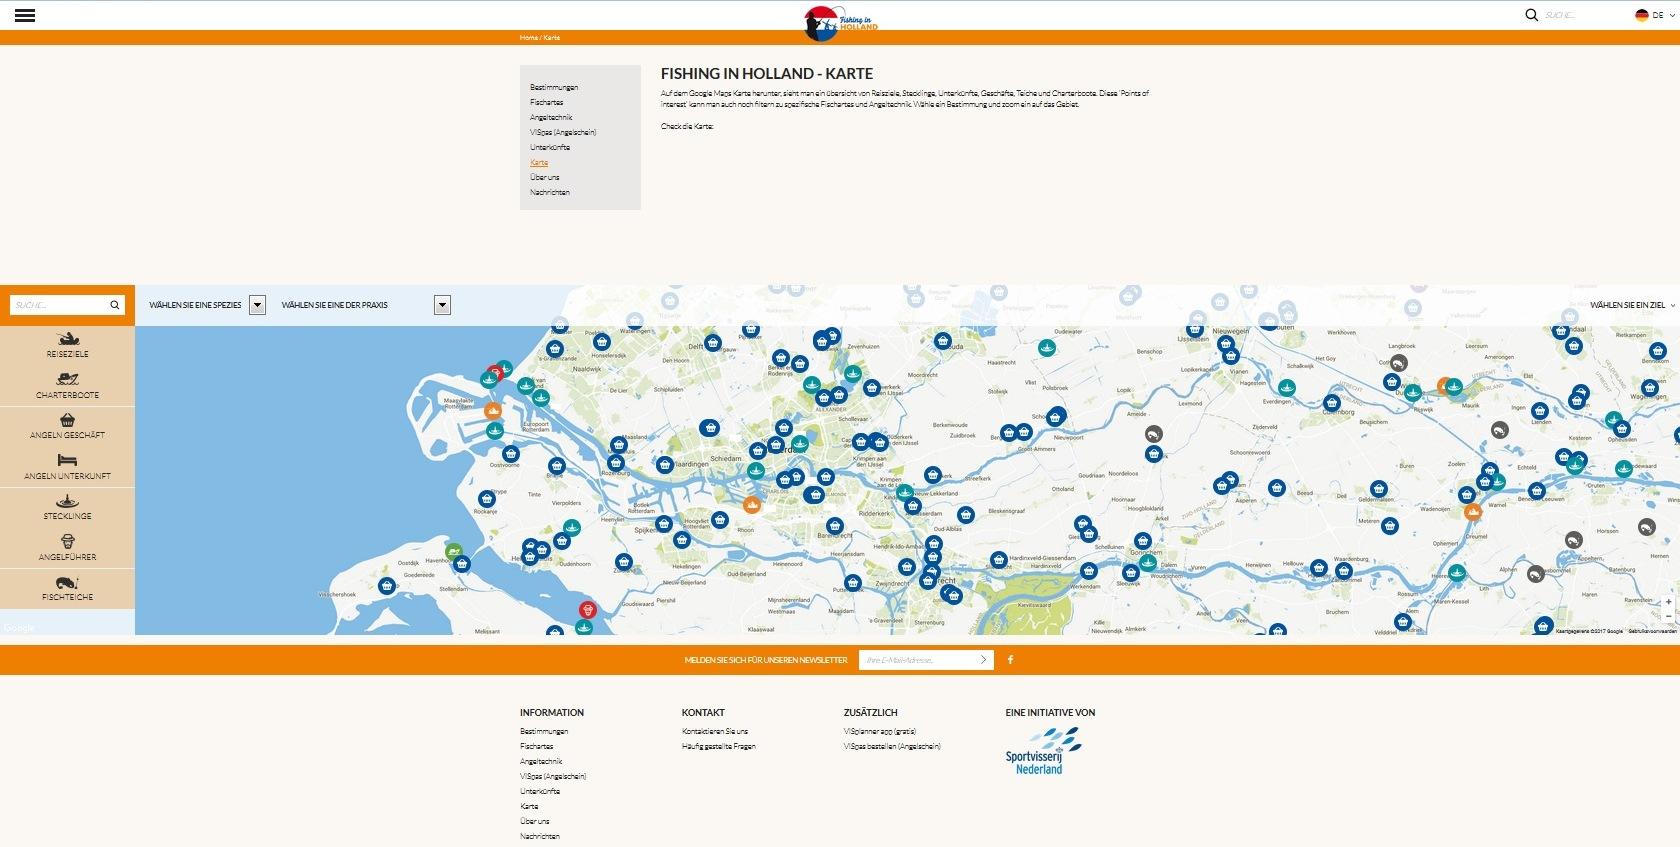 Karte Nordseeküste Holland.Angeln In Holland Fisch Und Fang